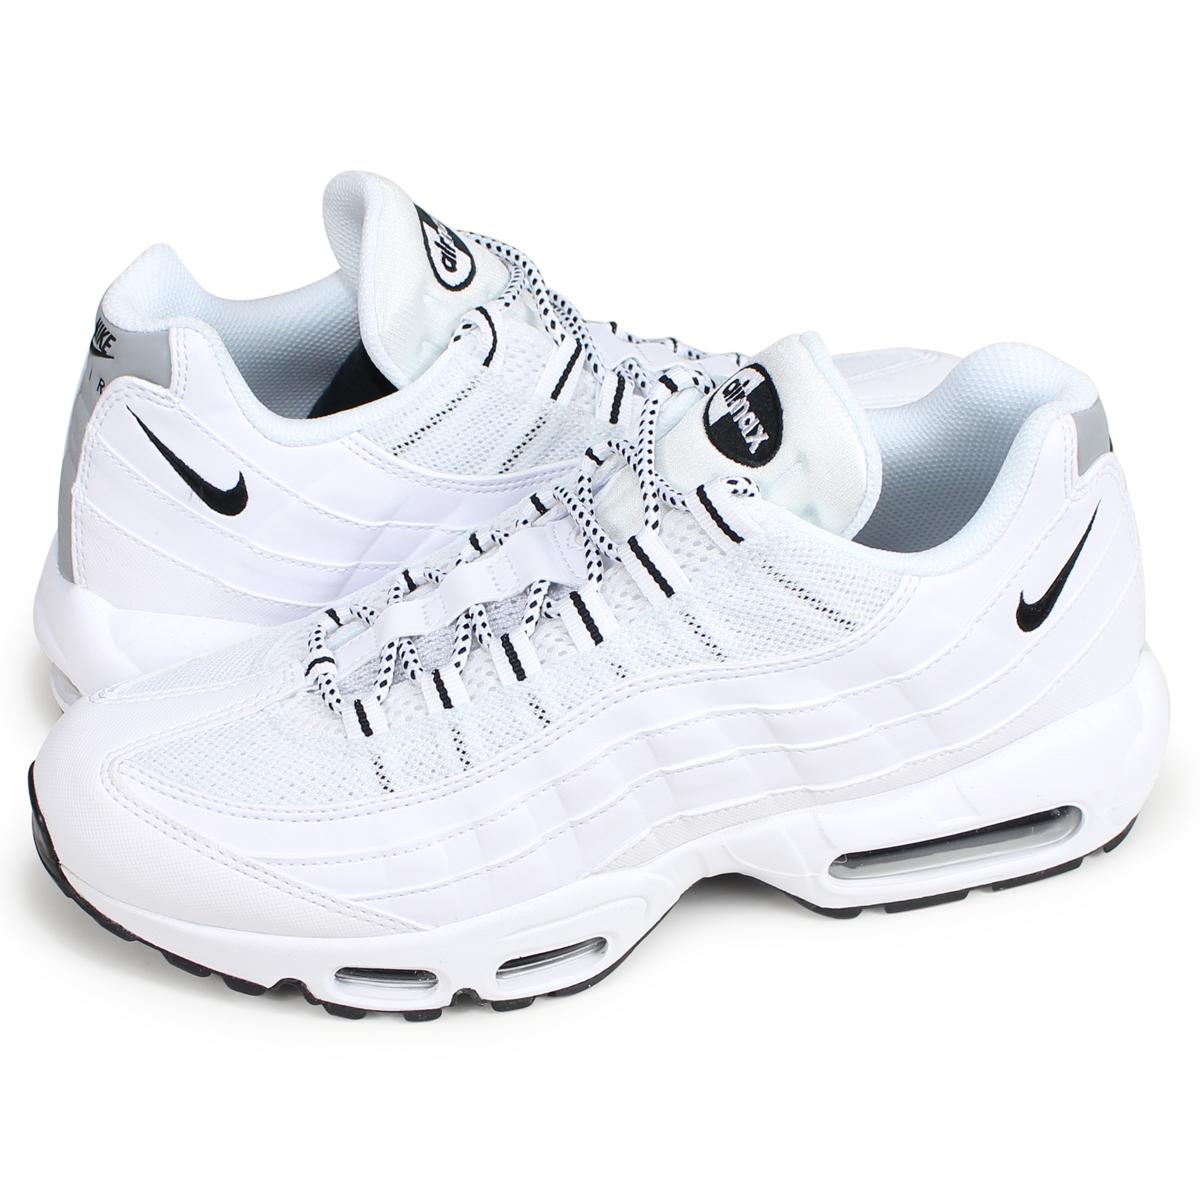 kupować nowe najlepsze buty nowy koncept nike max 9 forum